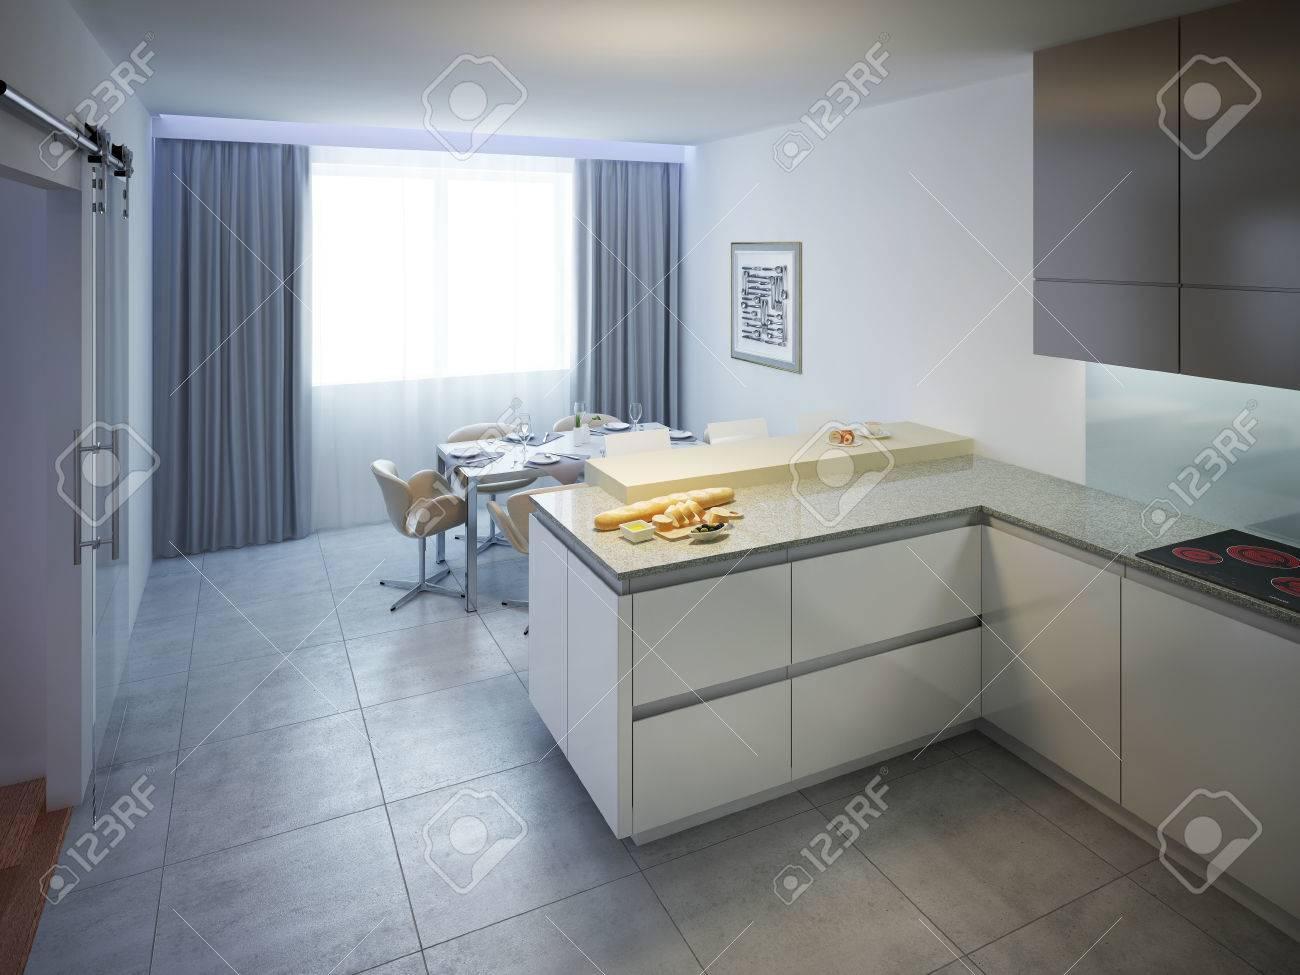 Diseño De La Cocina Moderna. Interior De La Cocina Moderna, Con ...